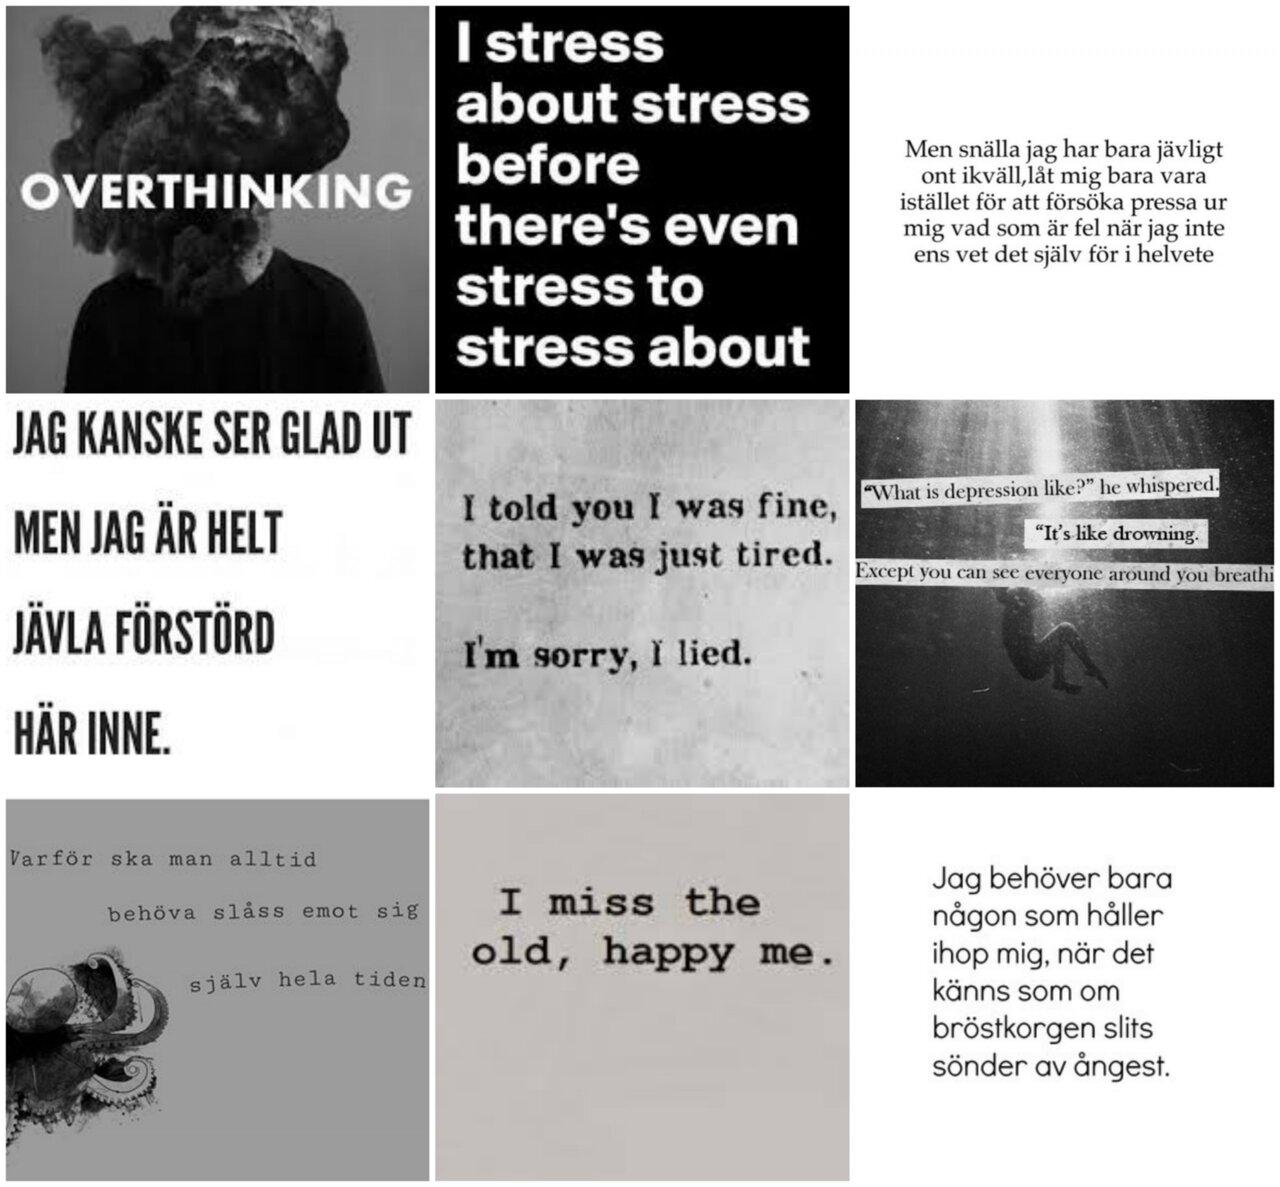 inre stress ångest